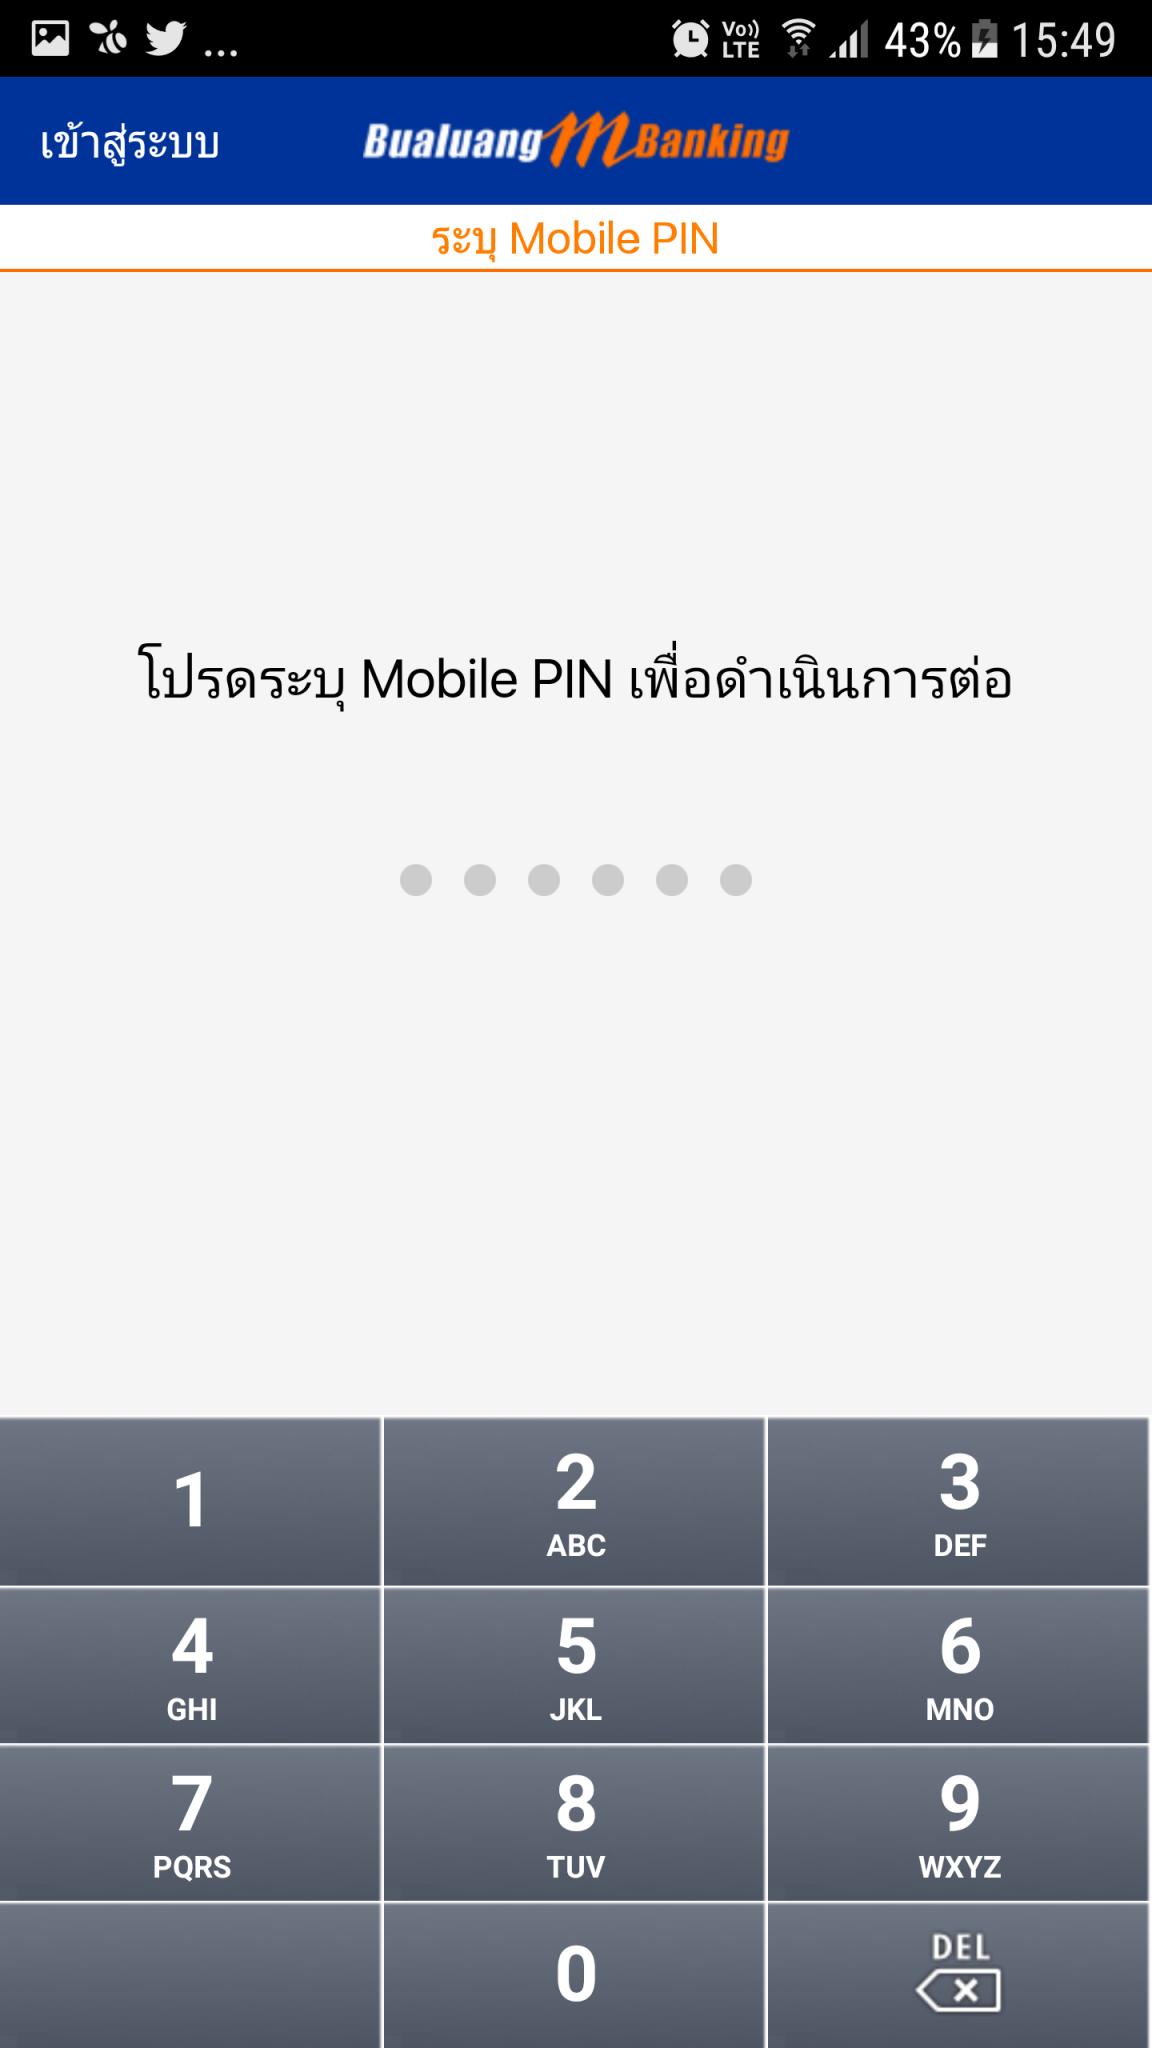 ใส่รหัสเข้าแอพ Bualuang mBanking